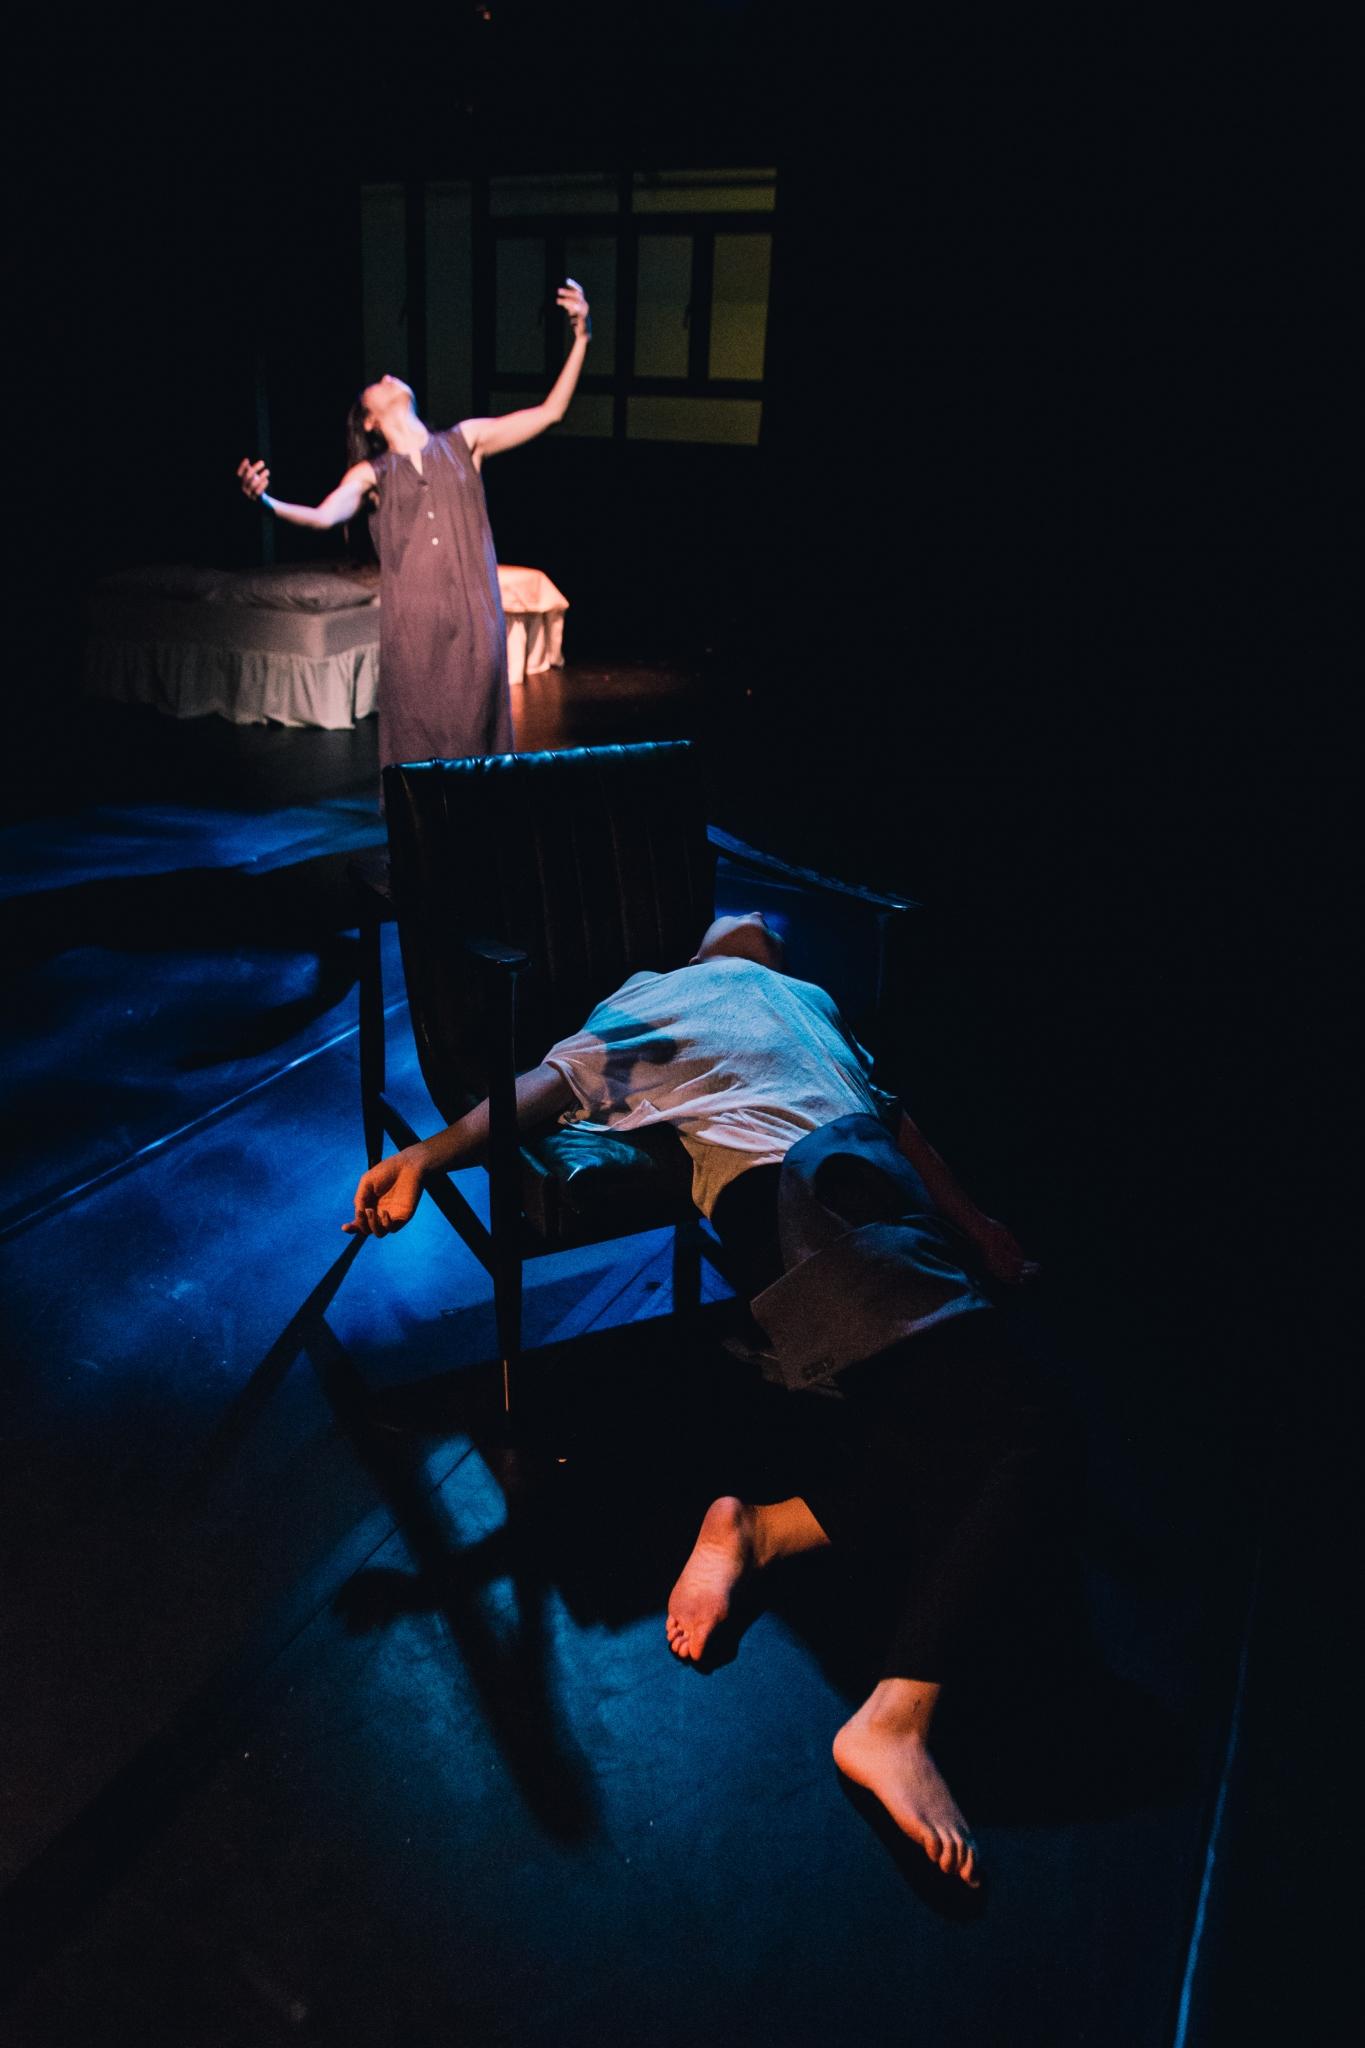 《安娜與蘇珊》演出相片(劇照由足跡提供;攝影:Lei Pui Cheng)